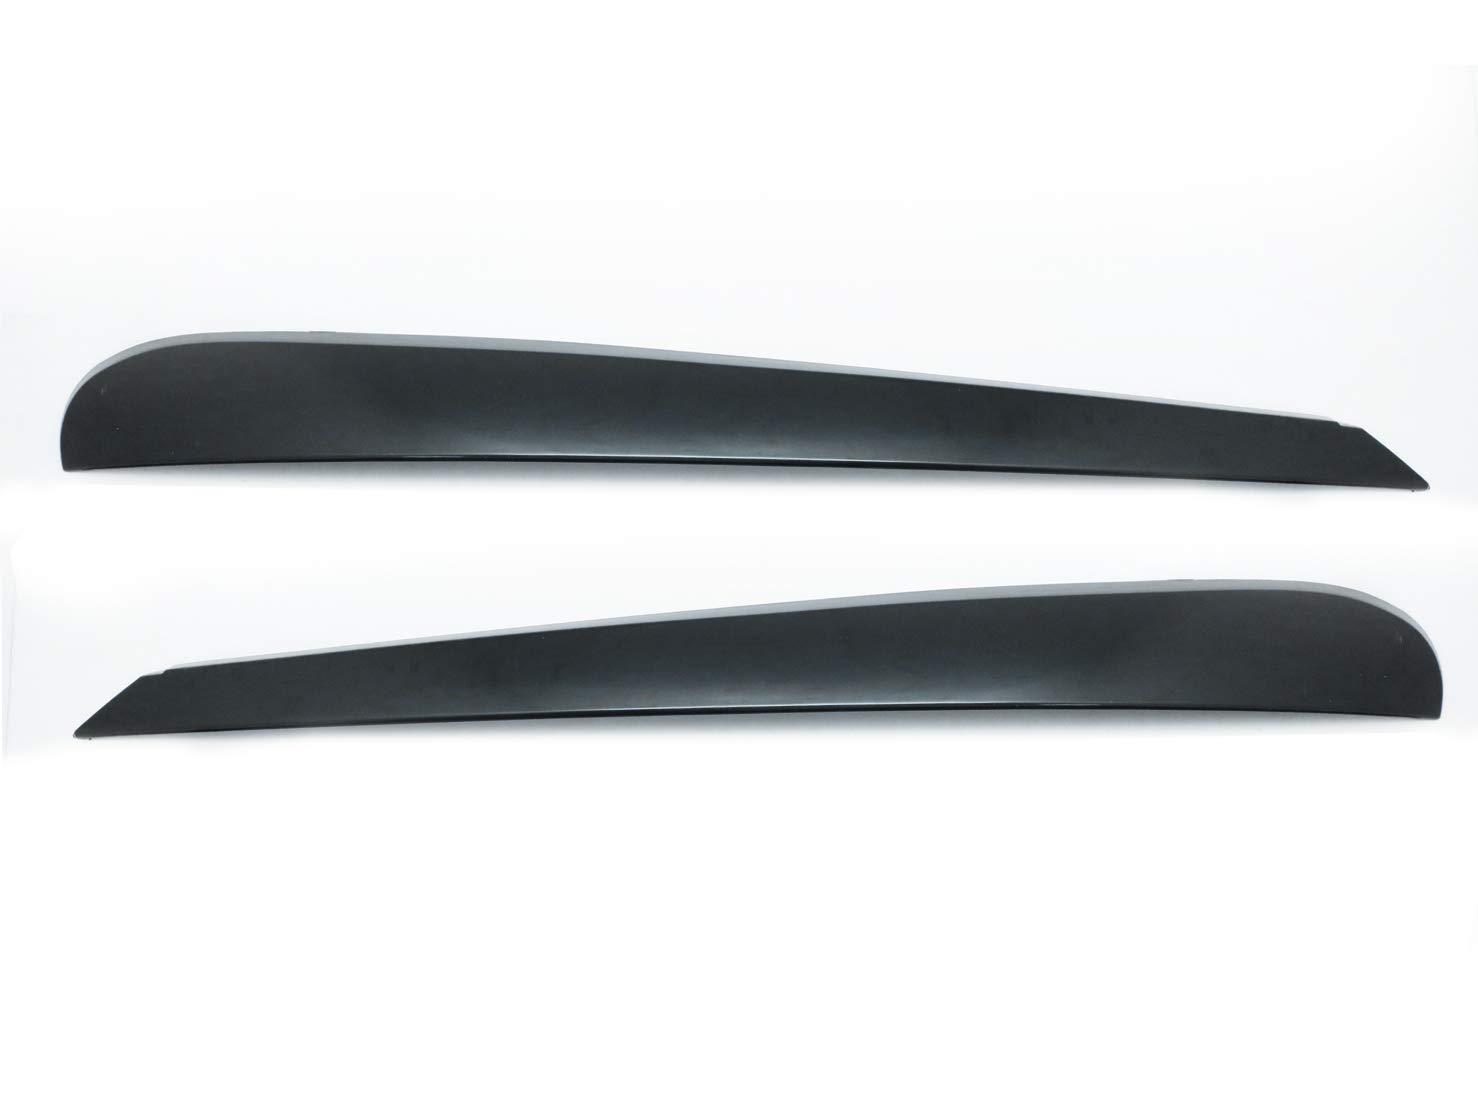 CarLab (2) nero palpebre palpebra sopracciglia faro copertura per 6 MK6 GTI